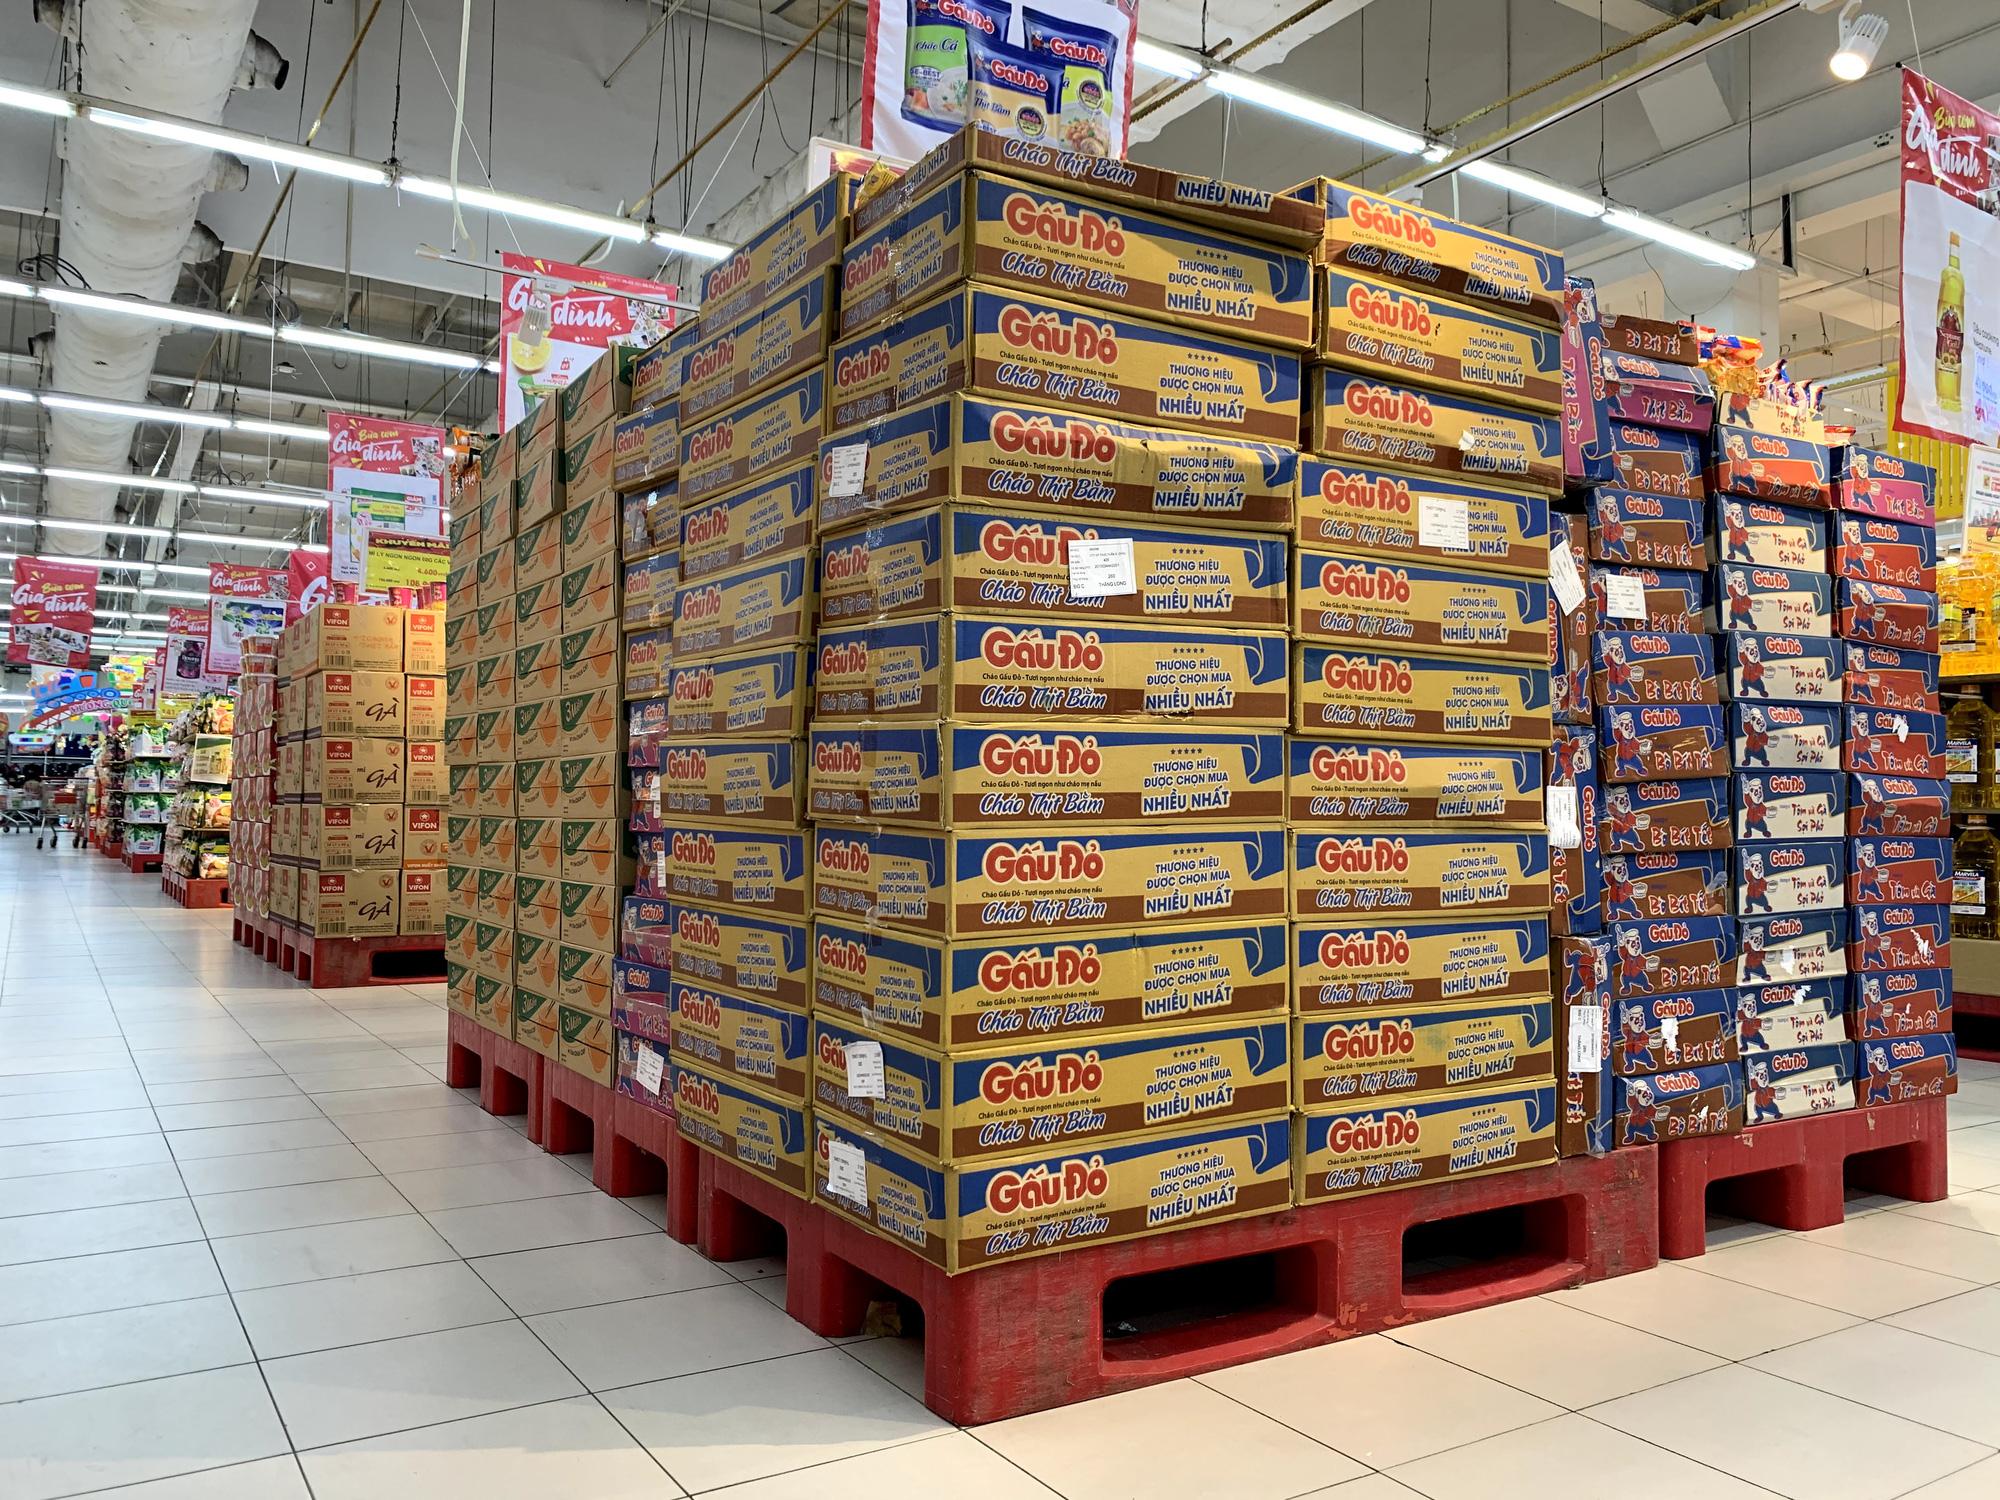 Cận cảnh ngày đầu chống dịch ở Hà Nội: Các cơ sở dịch vụ đóng cửa, siêu thị tiếp tục hoạt động, hàng hoá đầy ăm ắp vắng người mua - Ảnh 14.